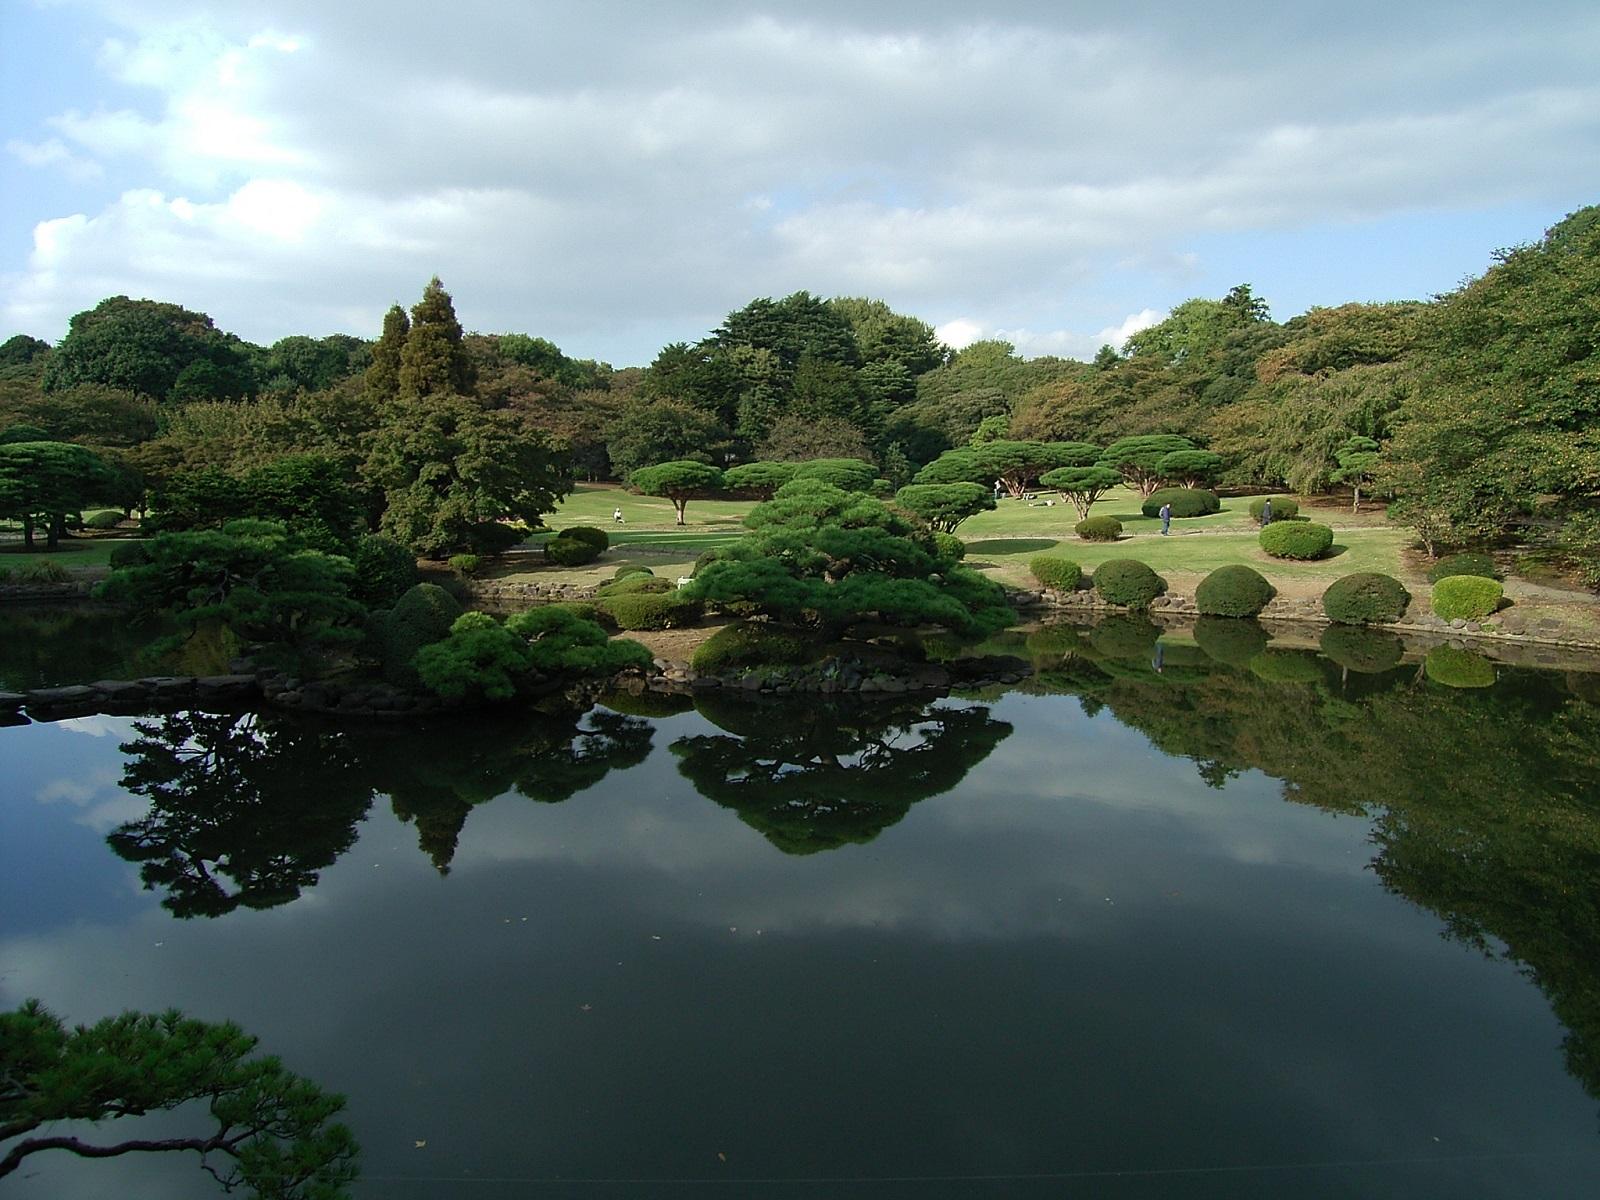 東京観光・桜の名所でパワースポット!ランチも美味しい新宿御苑の見どころ